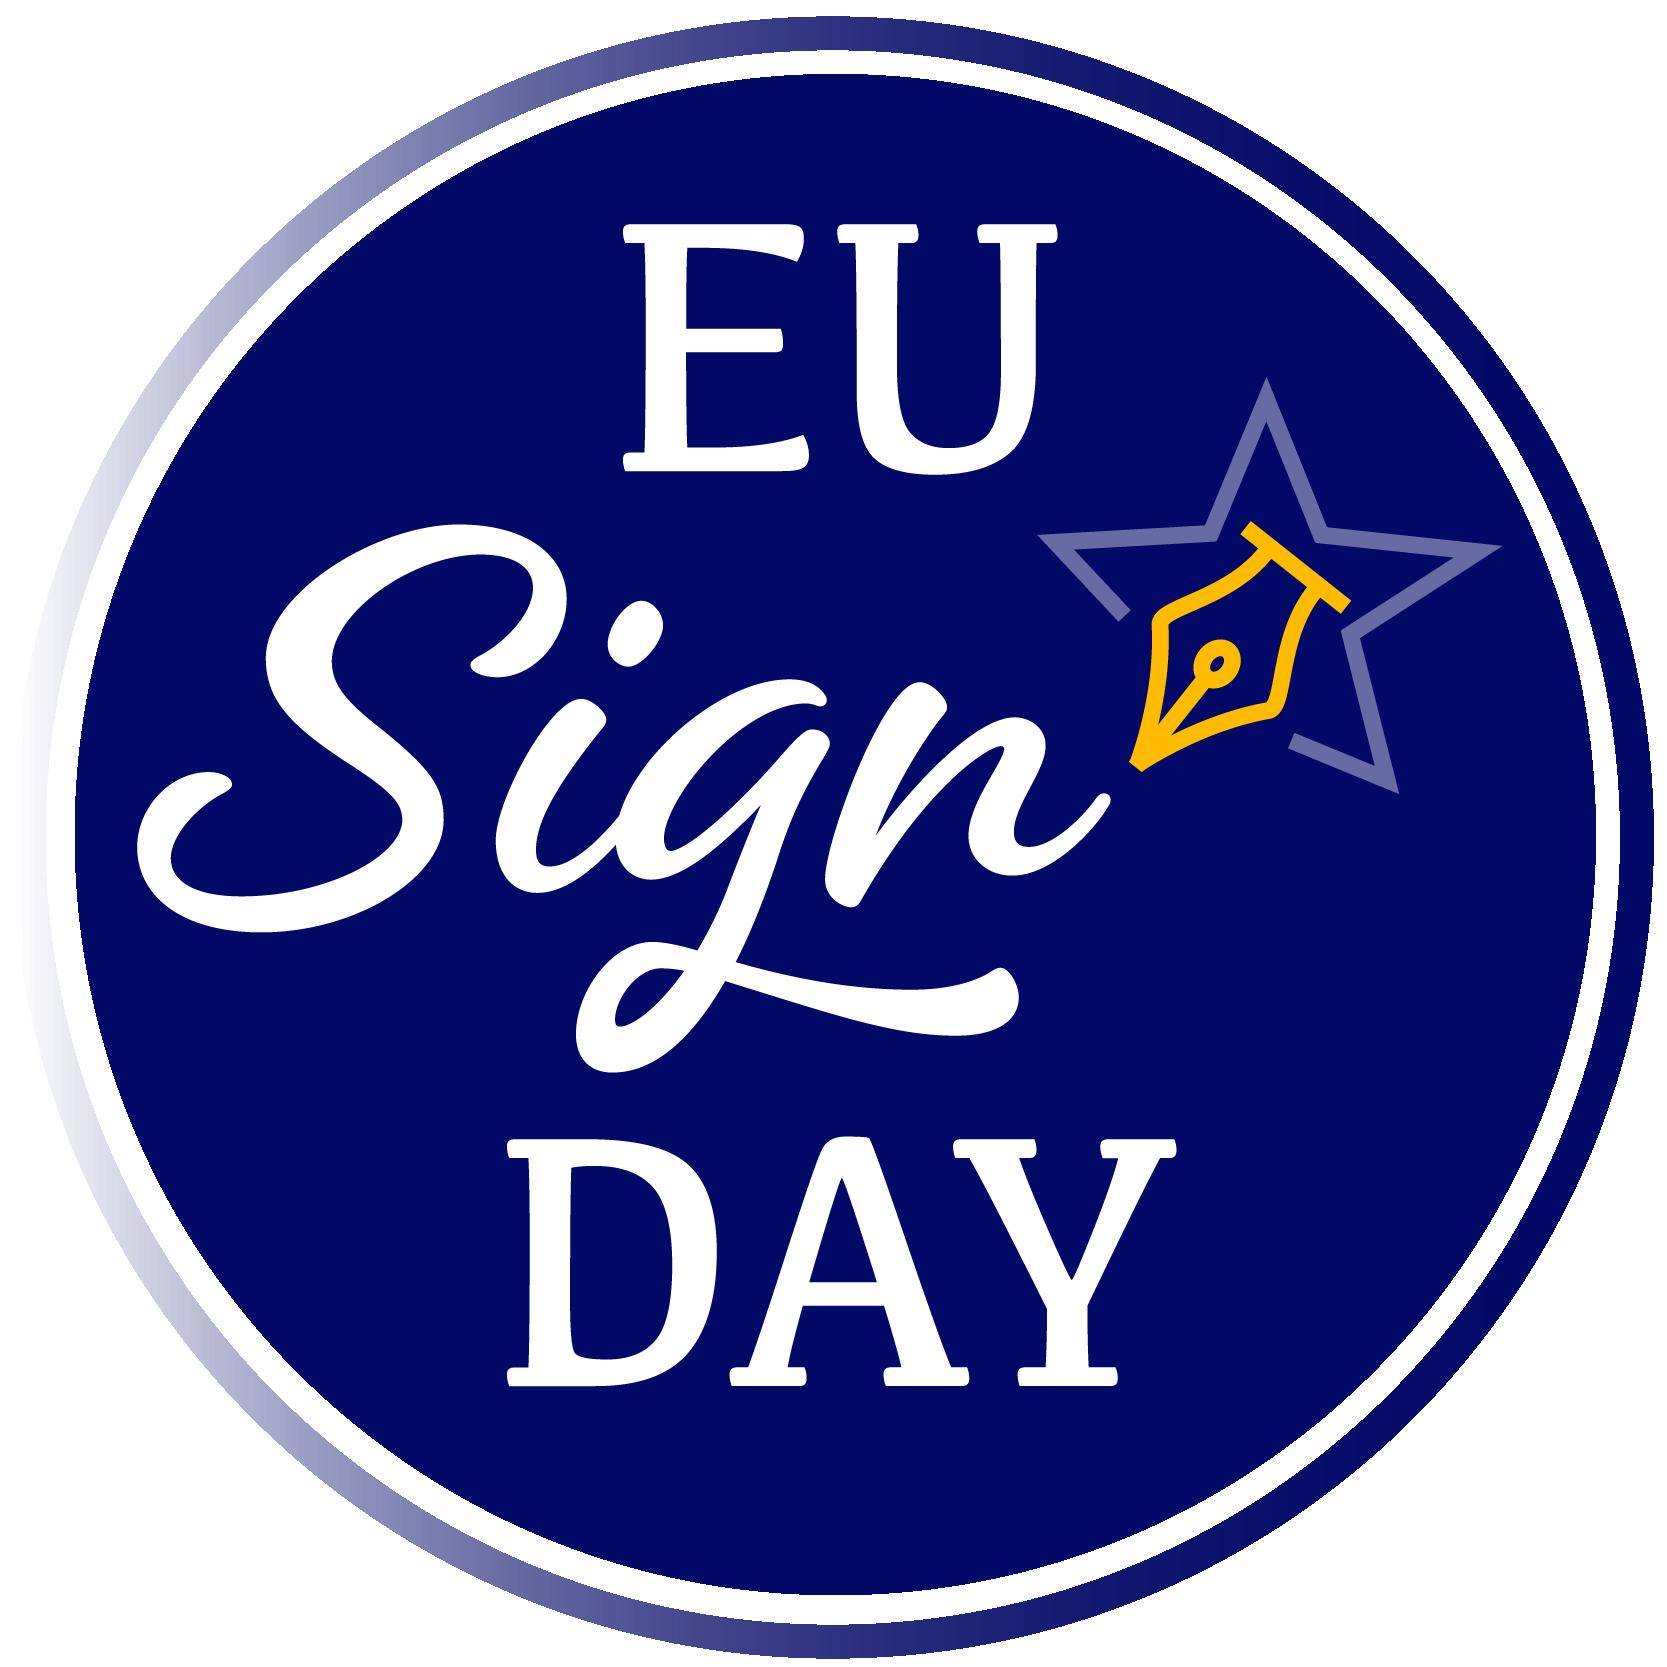 EU SIGN DAY